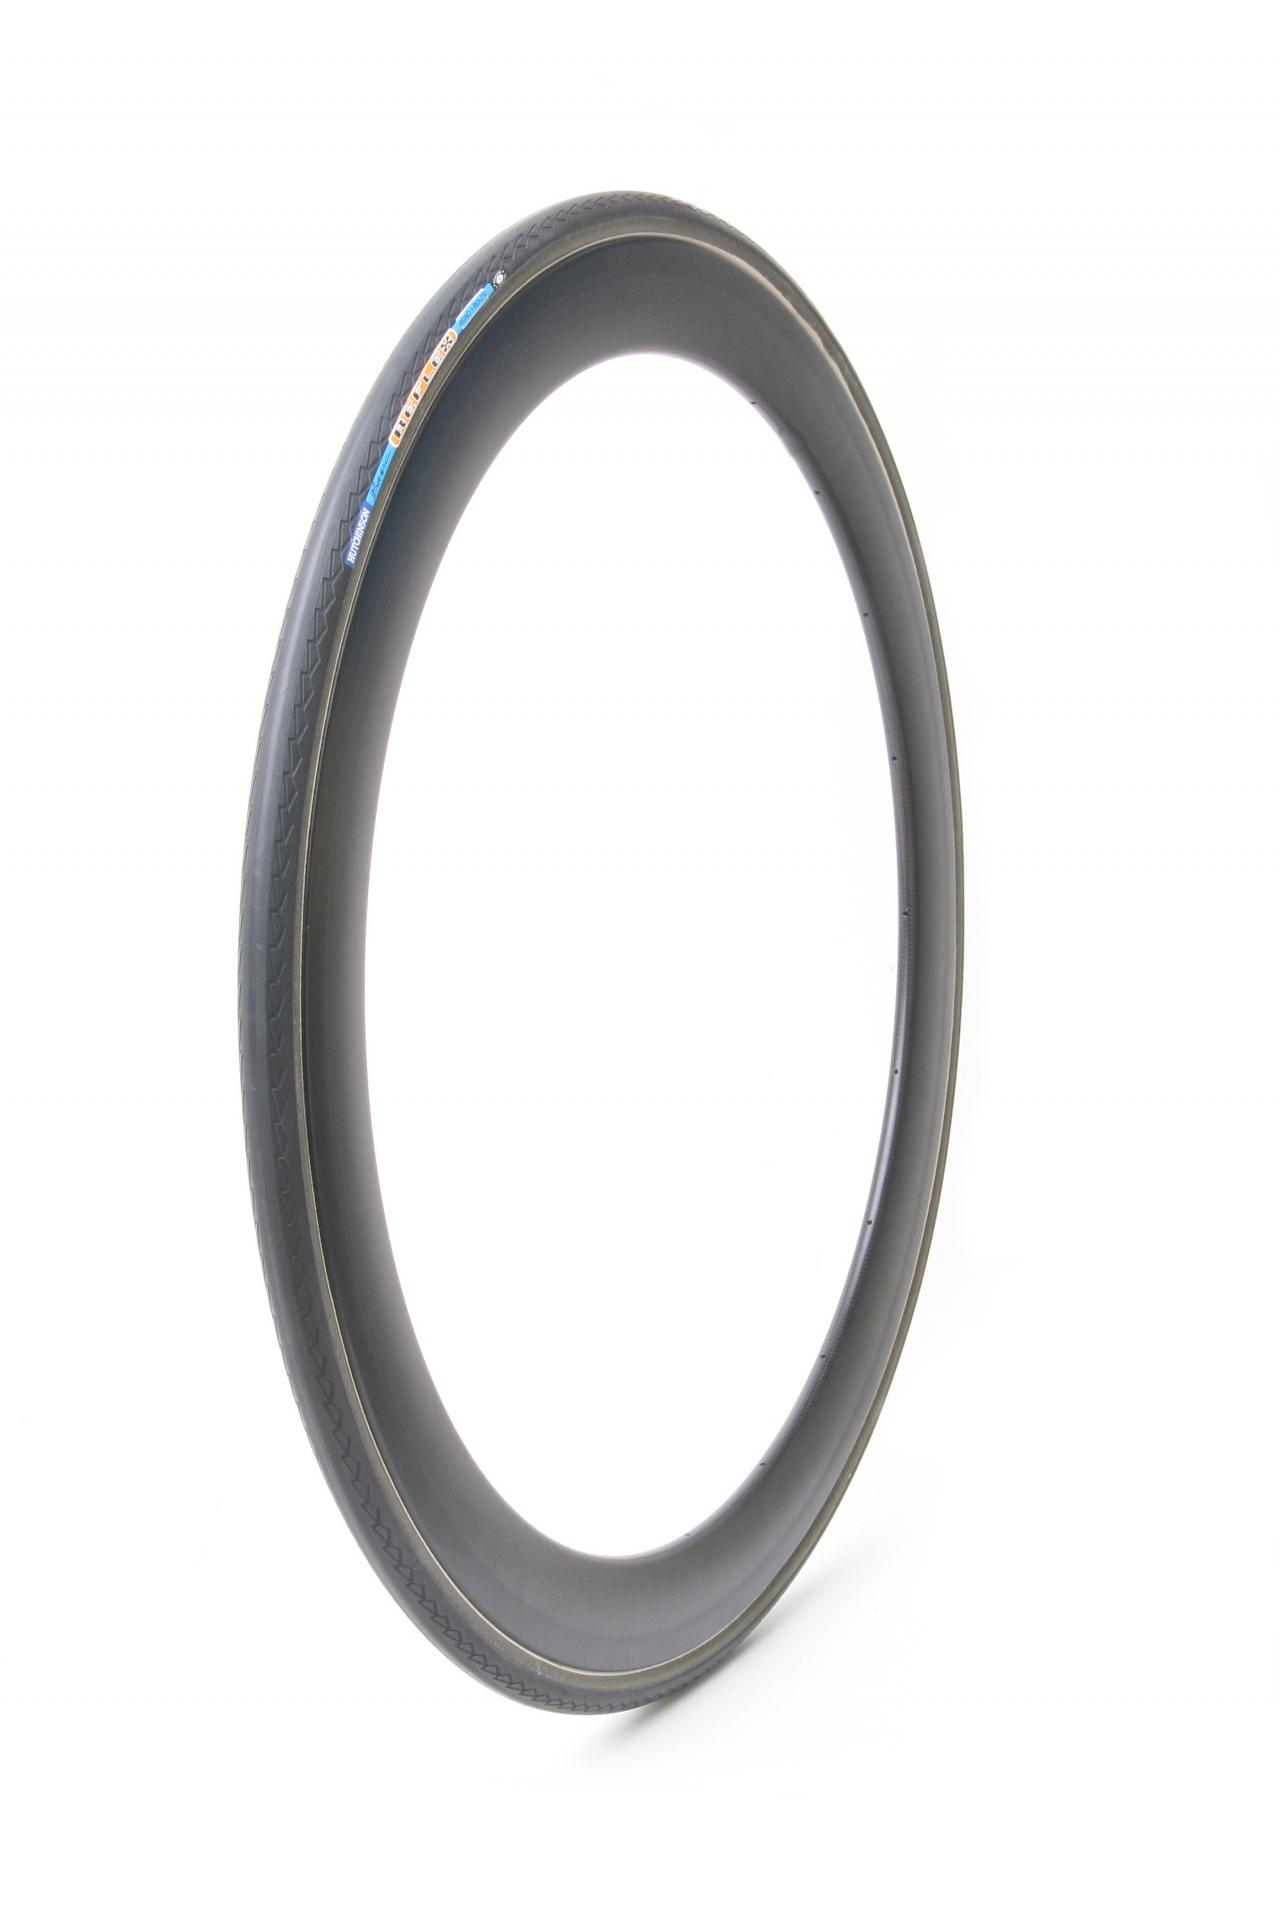 Boyau Hutchinson Reflex 700x22 TS Noir